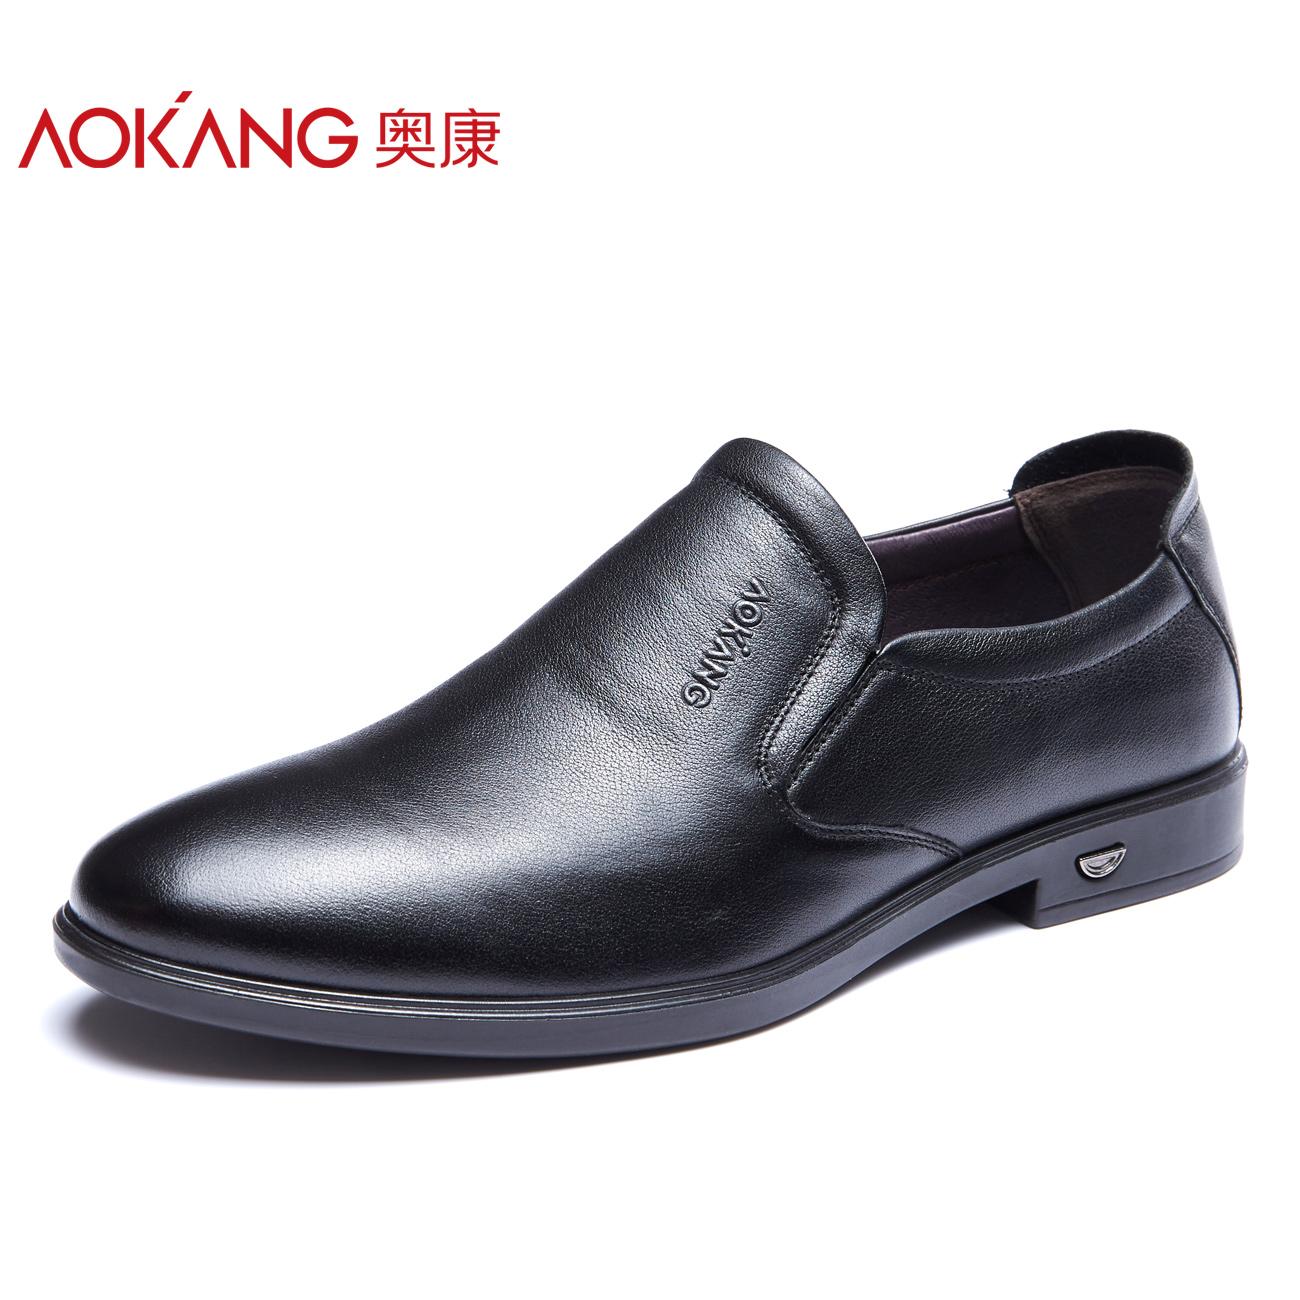 奥康官方旗舰店男鞋 真皮商务休闲皮鞋舒适套脚爸爸鞋工作鞋